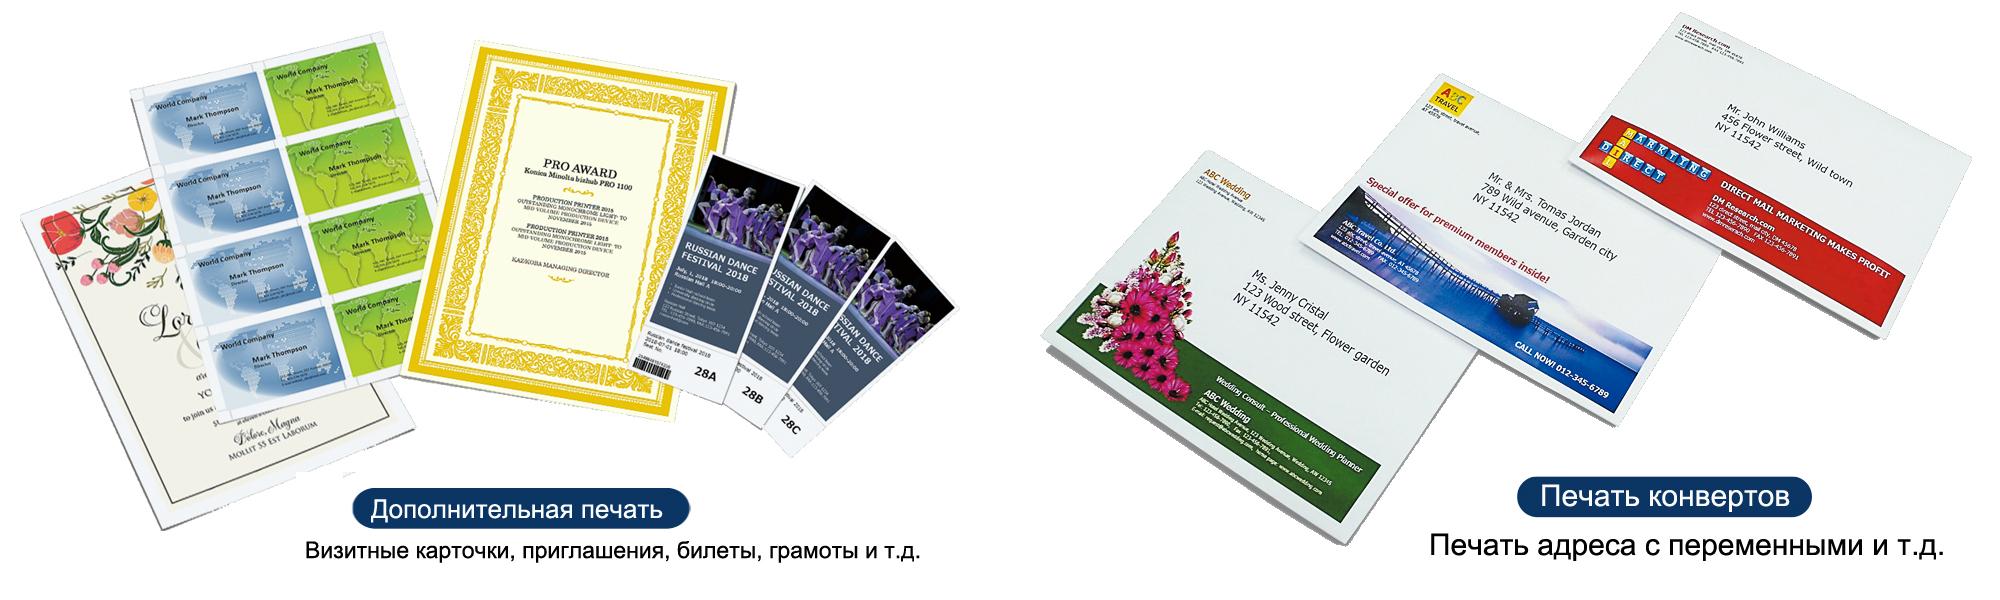 Konica Minolta AccurioPress 6136. Печать на плотной бумаге и конвертах